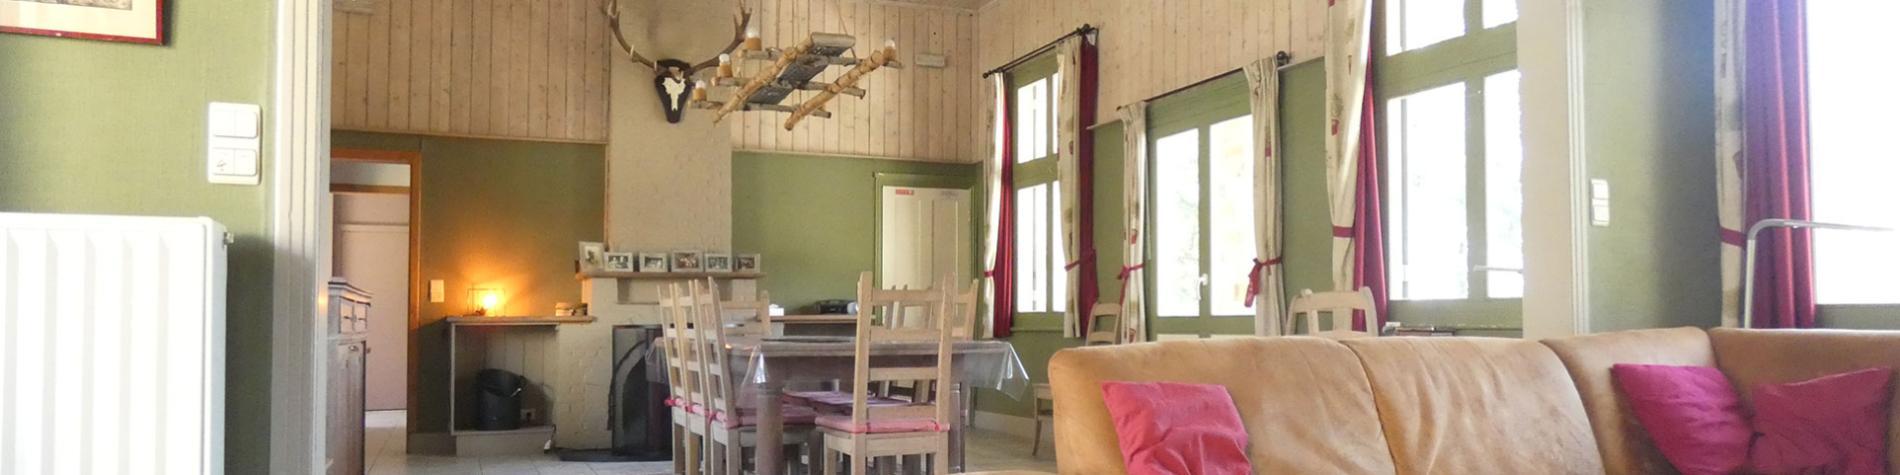 Gîte rural - Le Chaumont - Polleur - living